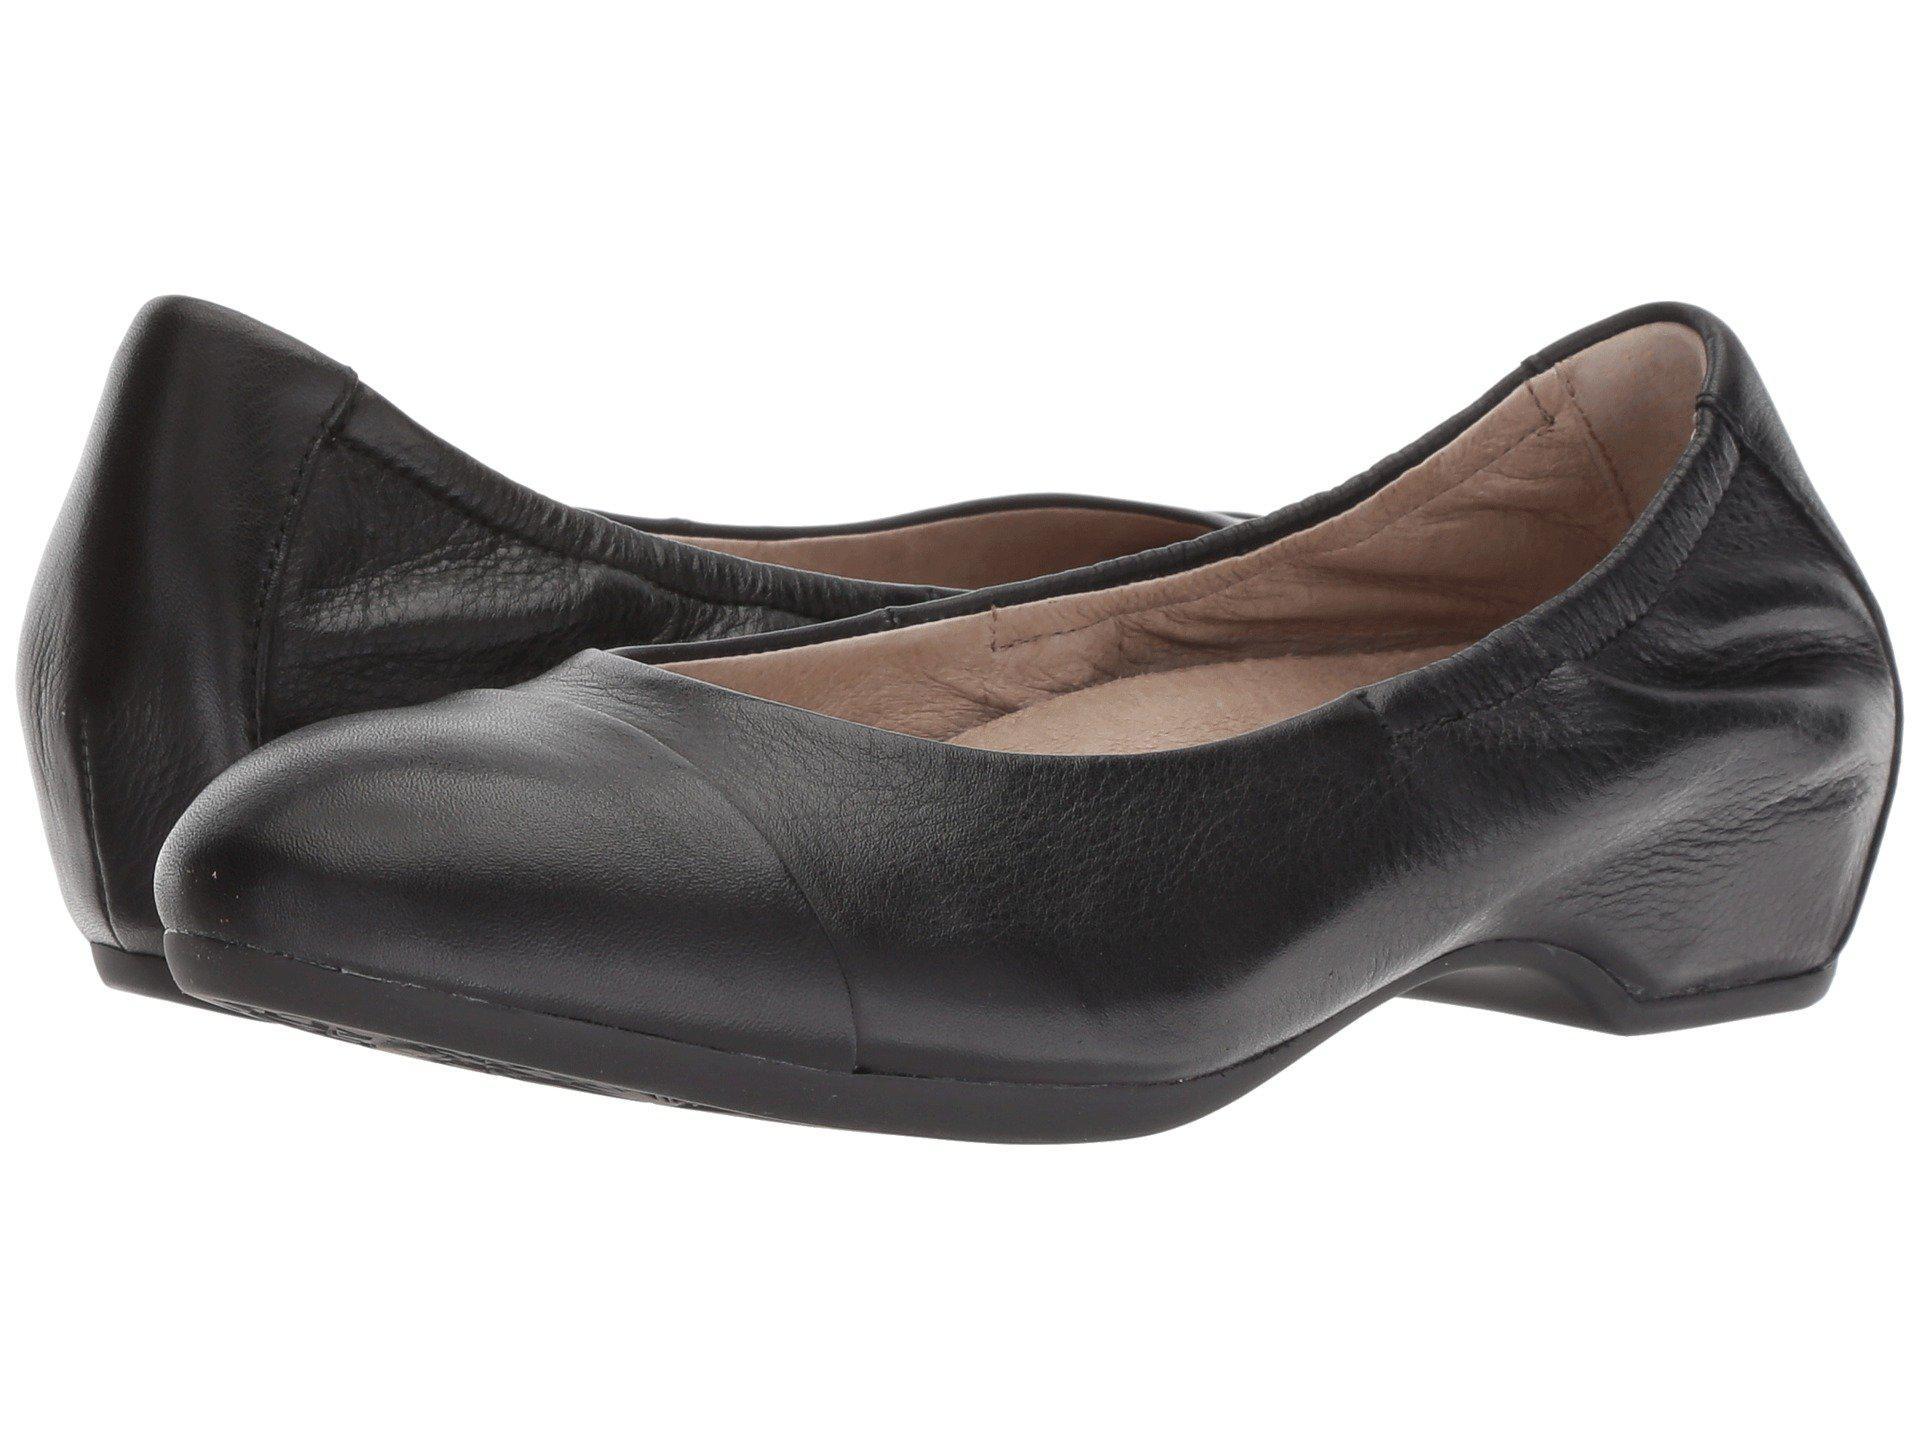 a4c1cd8fcb Dansko Lisanne (black/black Milled Nappa) Women's Flat Shoes in ...